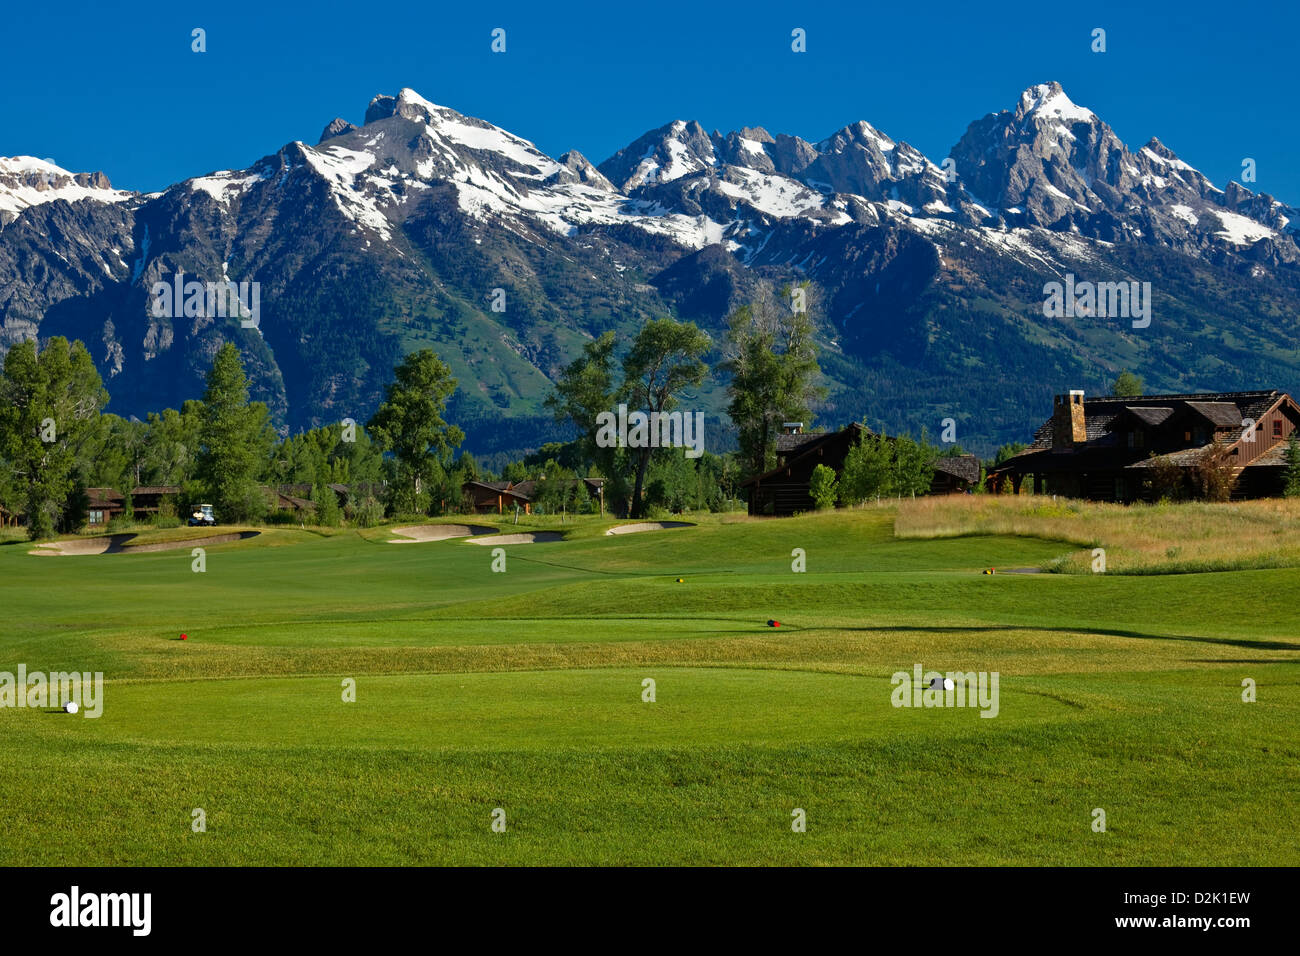 WY00226-00... WYOMING - Teton Bergkette im Hintergrund des Jackson Hole Golf und Tennis Club. Stockbild